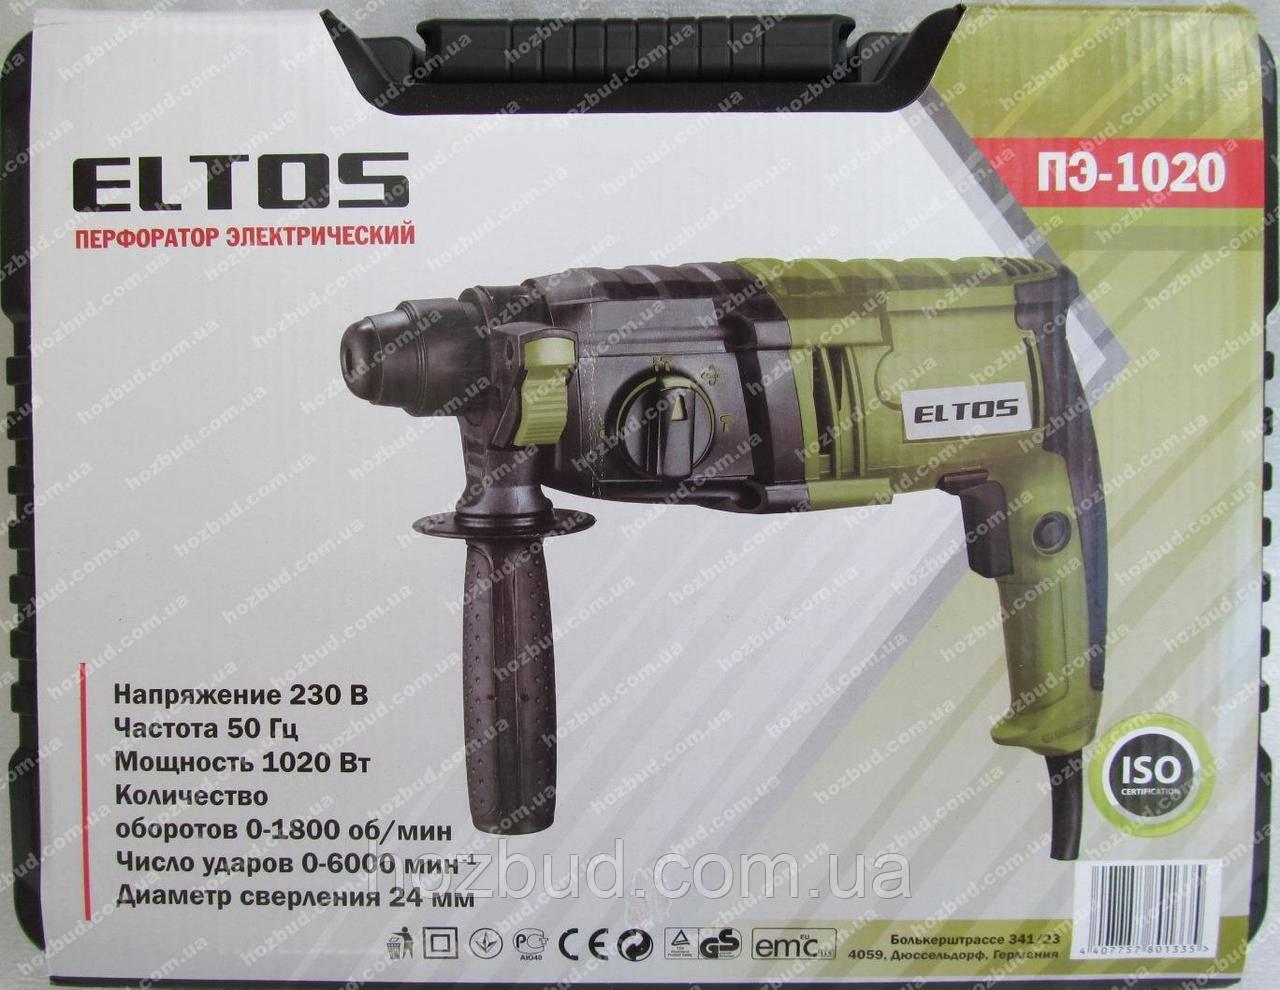 Перфоратор Eltos ПЭ-1020 (3-х режимный)